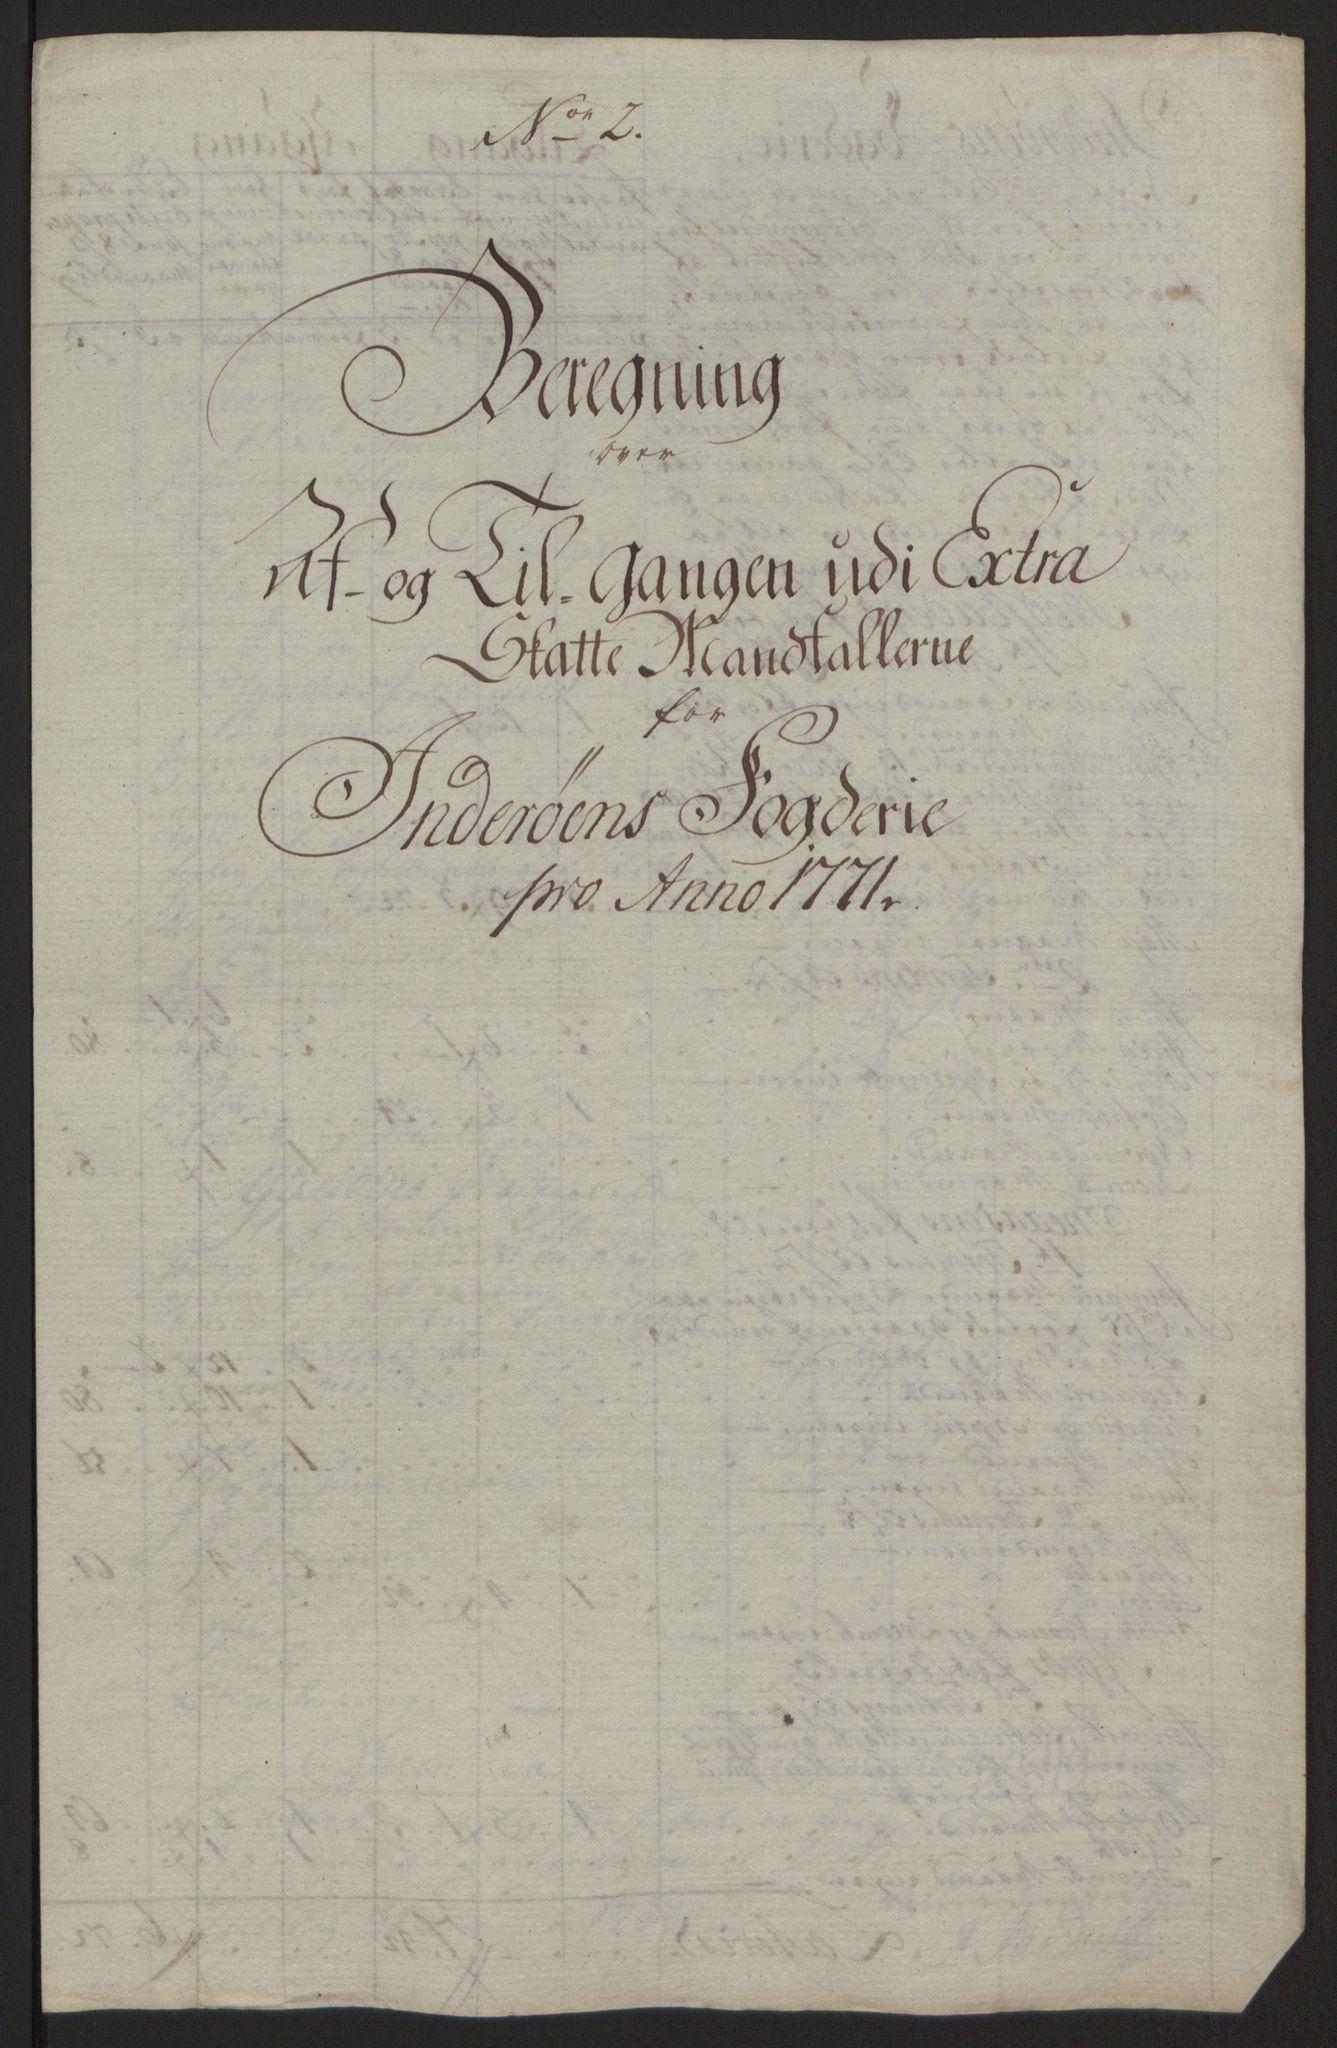 RA, Rentekammeret inntil 1814, Reviderte regnskaper, Fogderegnskap, R63/L4420: Ekstraskatten Inderøy, 1762-1772, s. 426